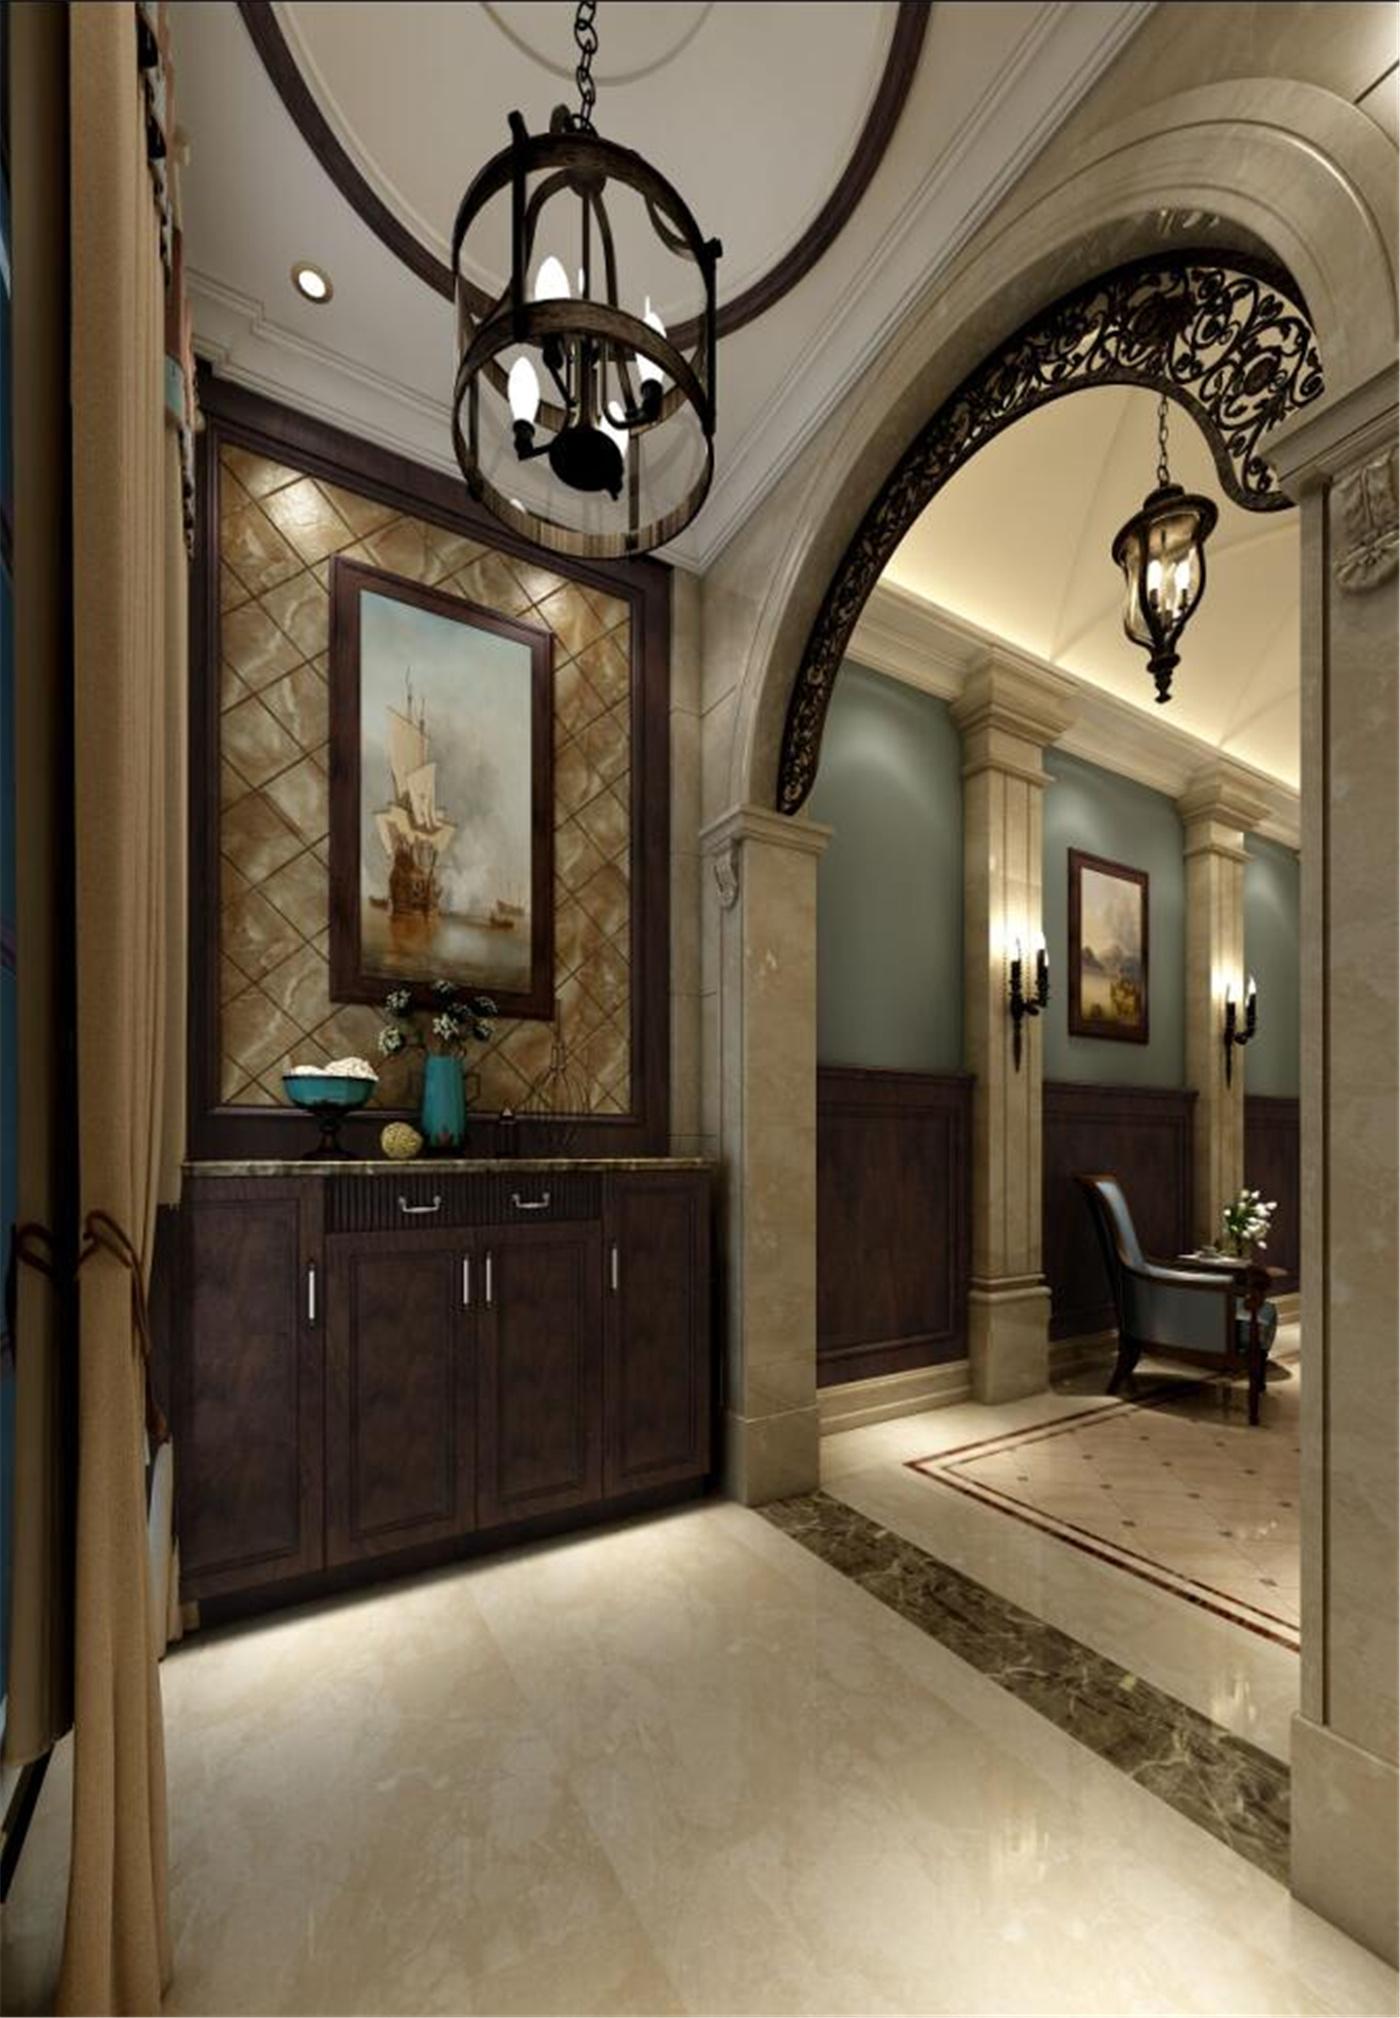 别墅装修美式风格完工实景展示,上海腾龙别墅设计师孙明安作品,欢迎图片